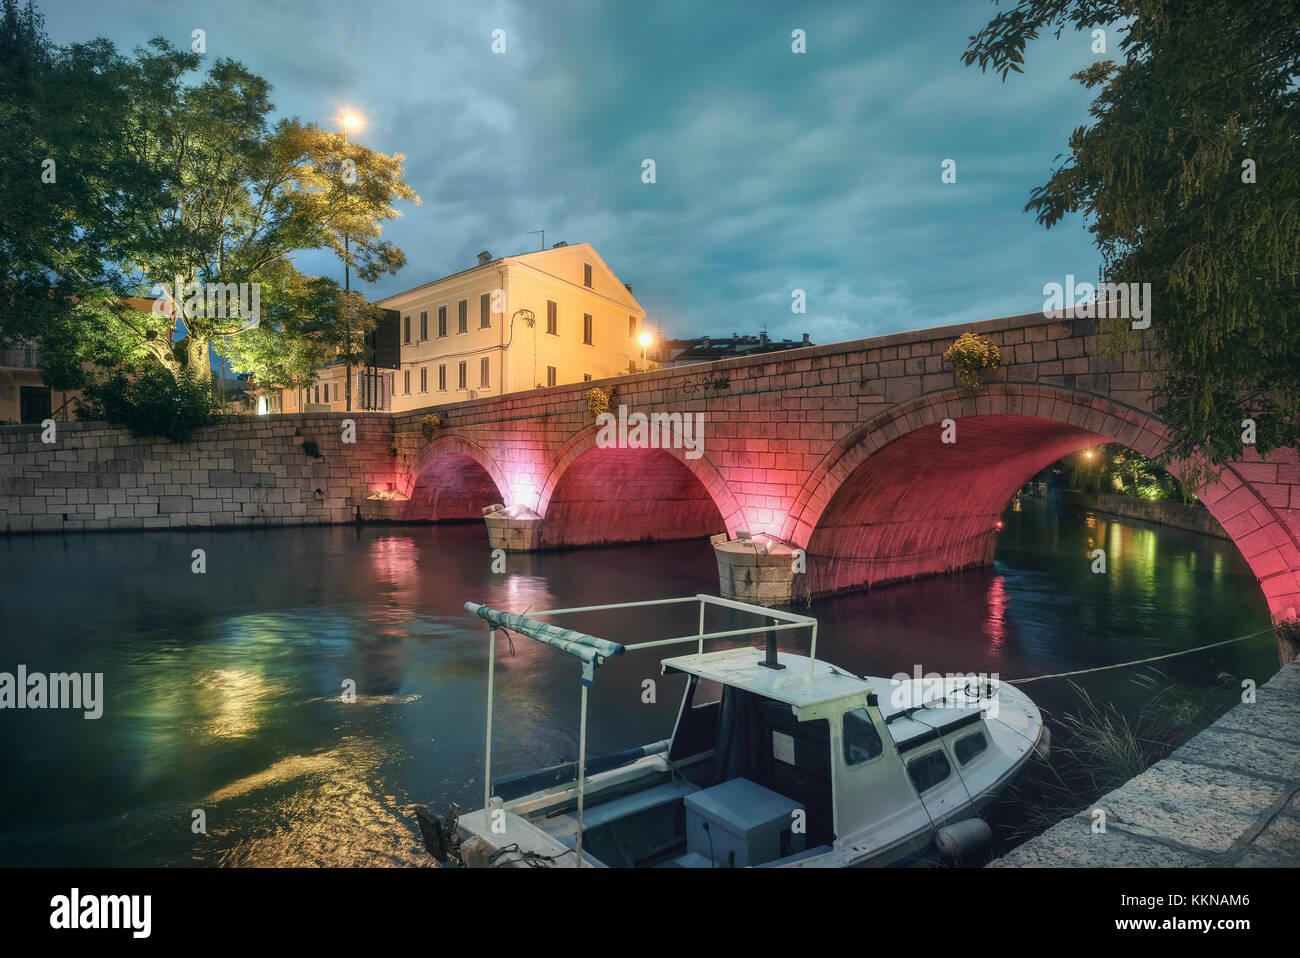 Paisaje con puente viejo en el centro de la ciudad por la noche. crikvenica, CROACIA Imagen De Stock